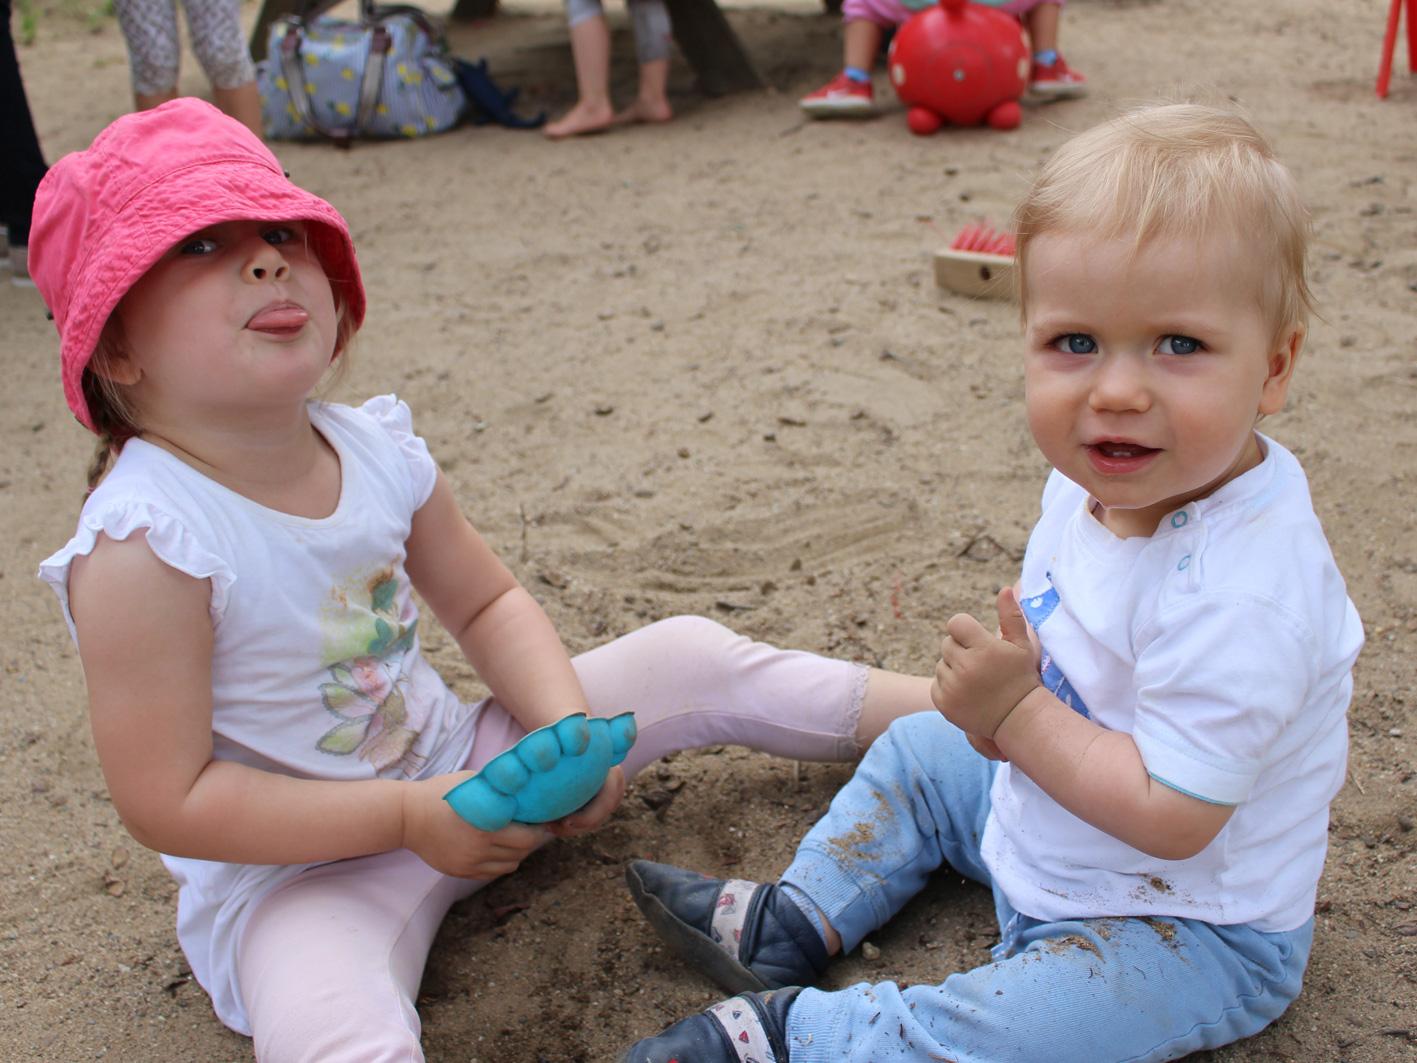 Raupengruppe Montessori-Kiga Mettmann